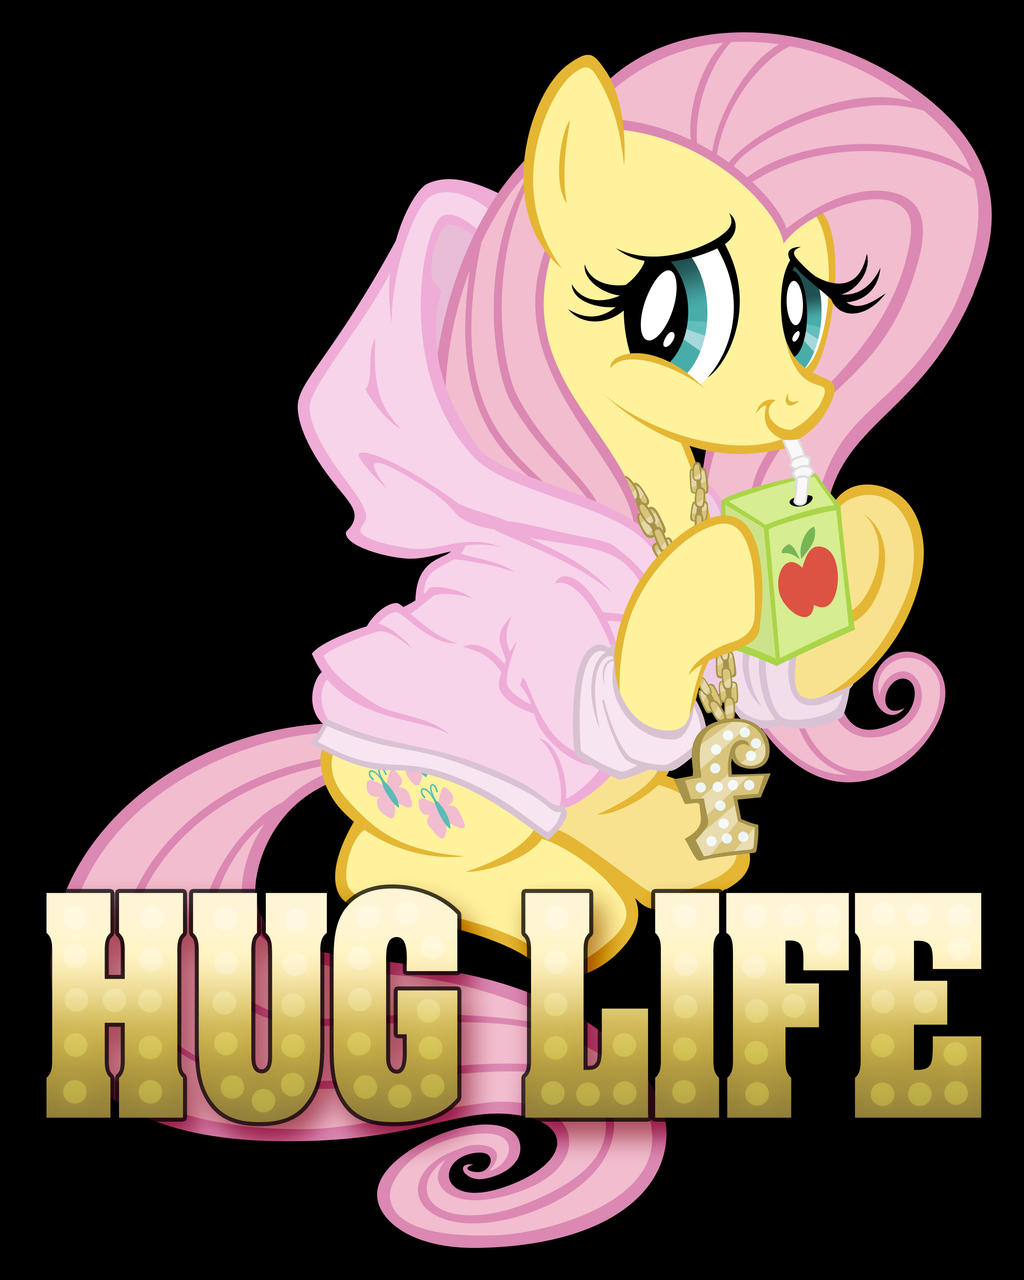 Hug Life Print by tygerbug